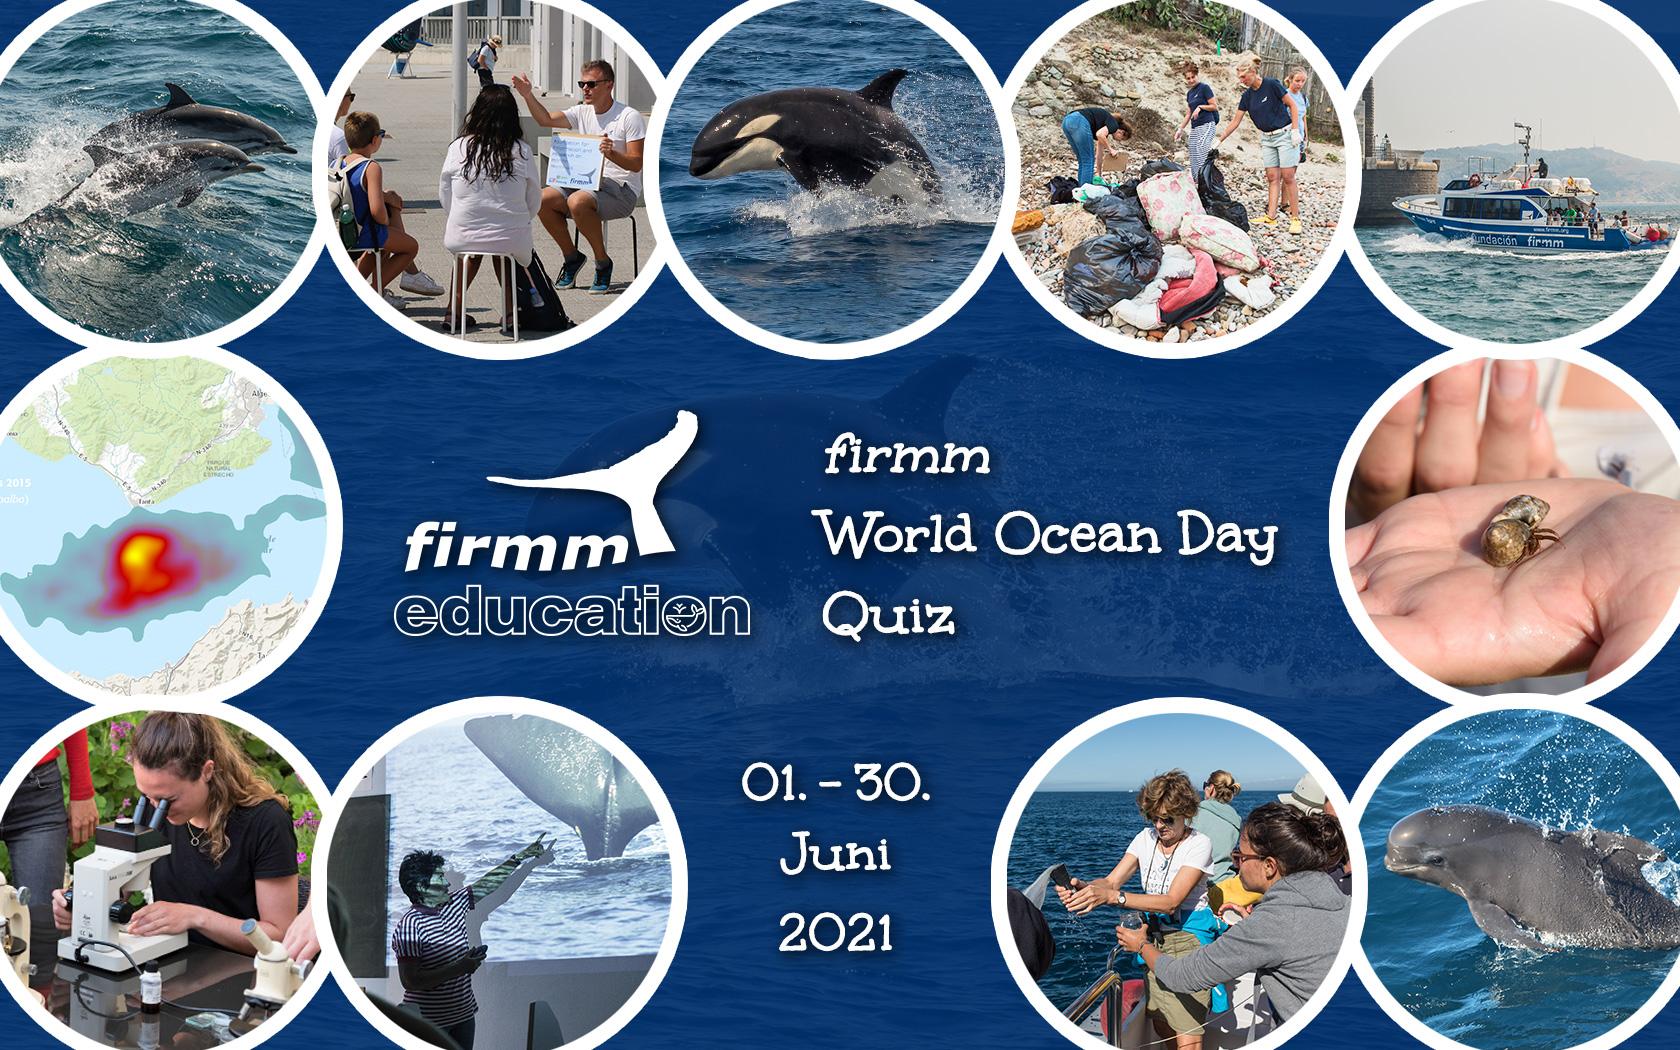 Ankündigung der firmm-Aktion zum World Ocean Day